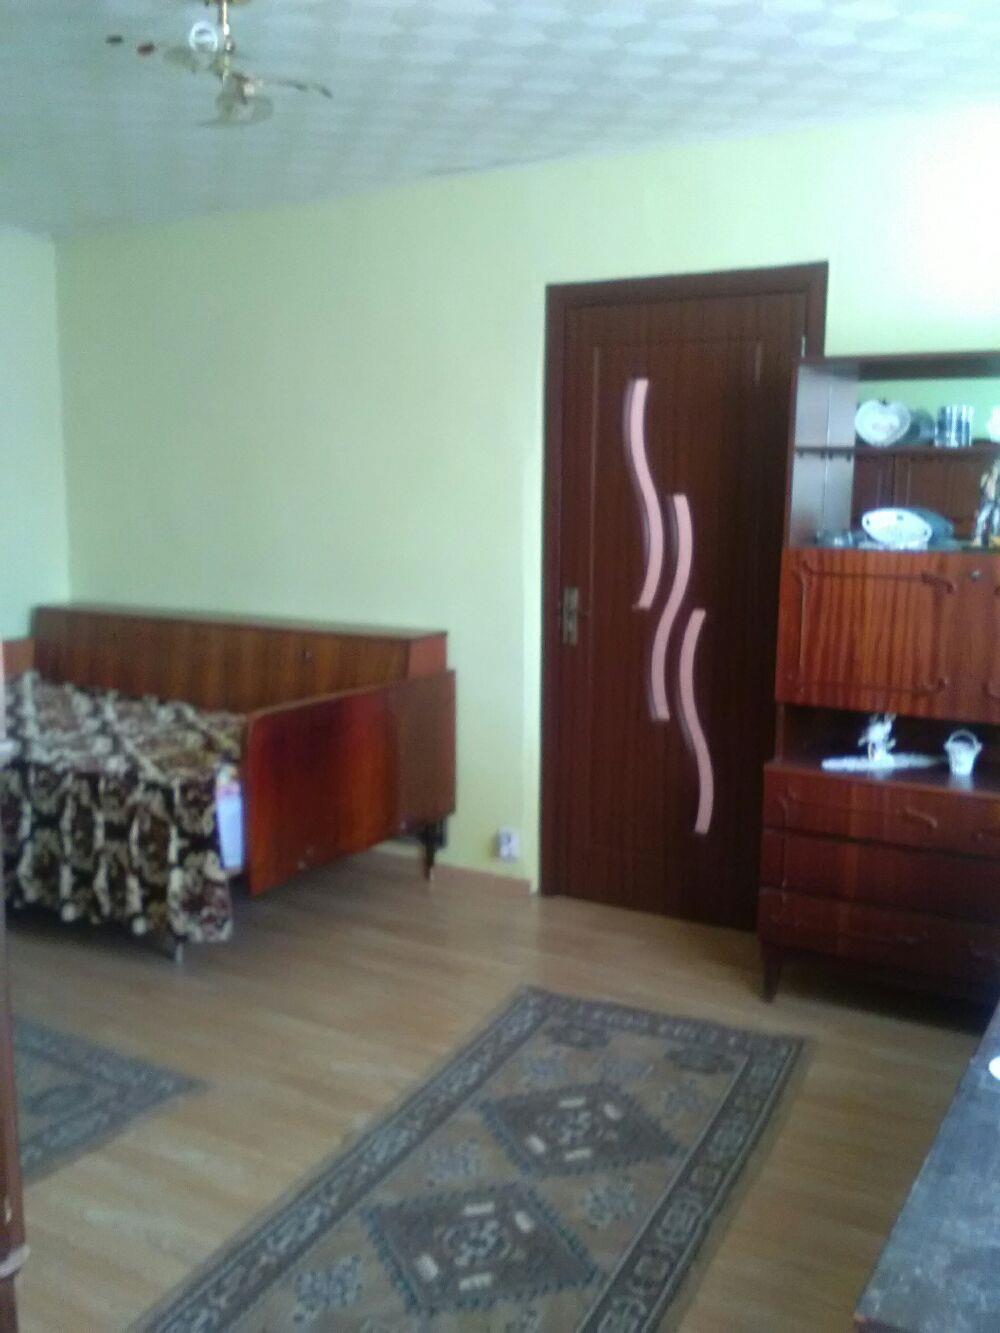 Vând casă în comuna Bujoru jud Teleorman - imagine 10